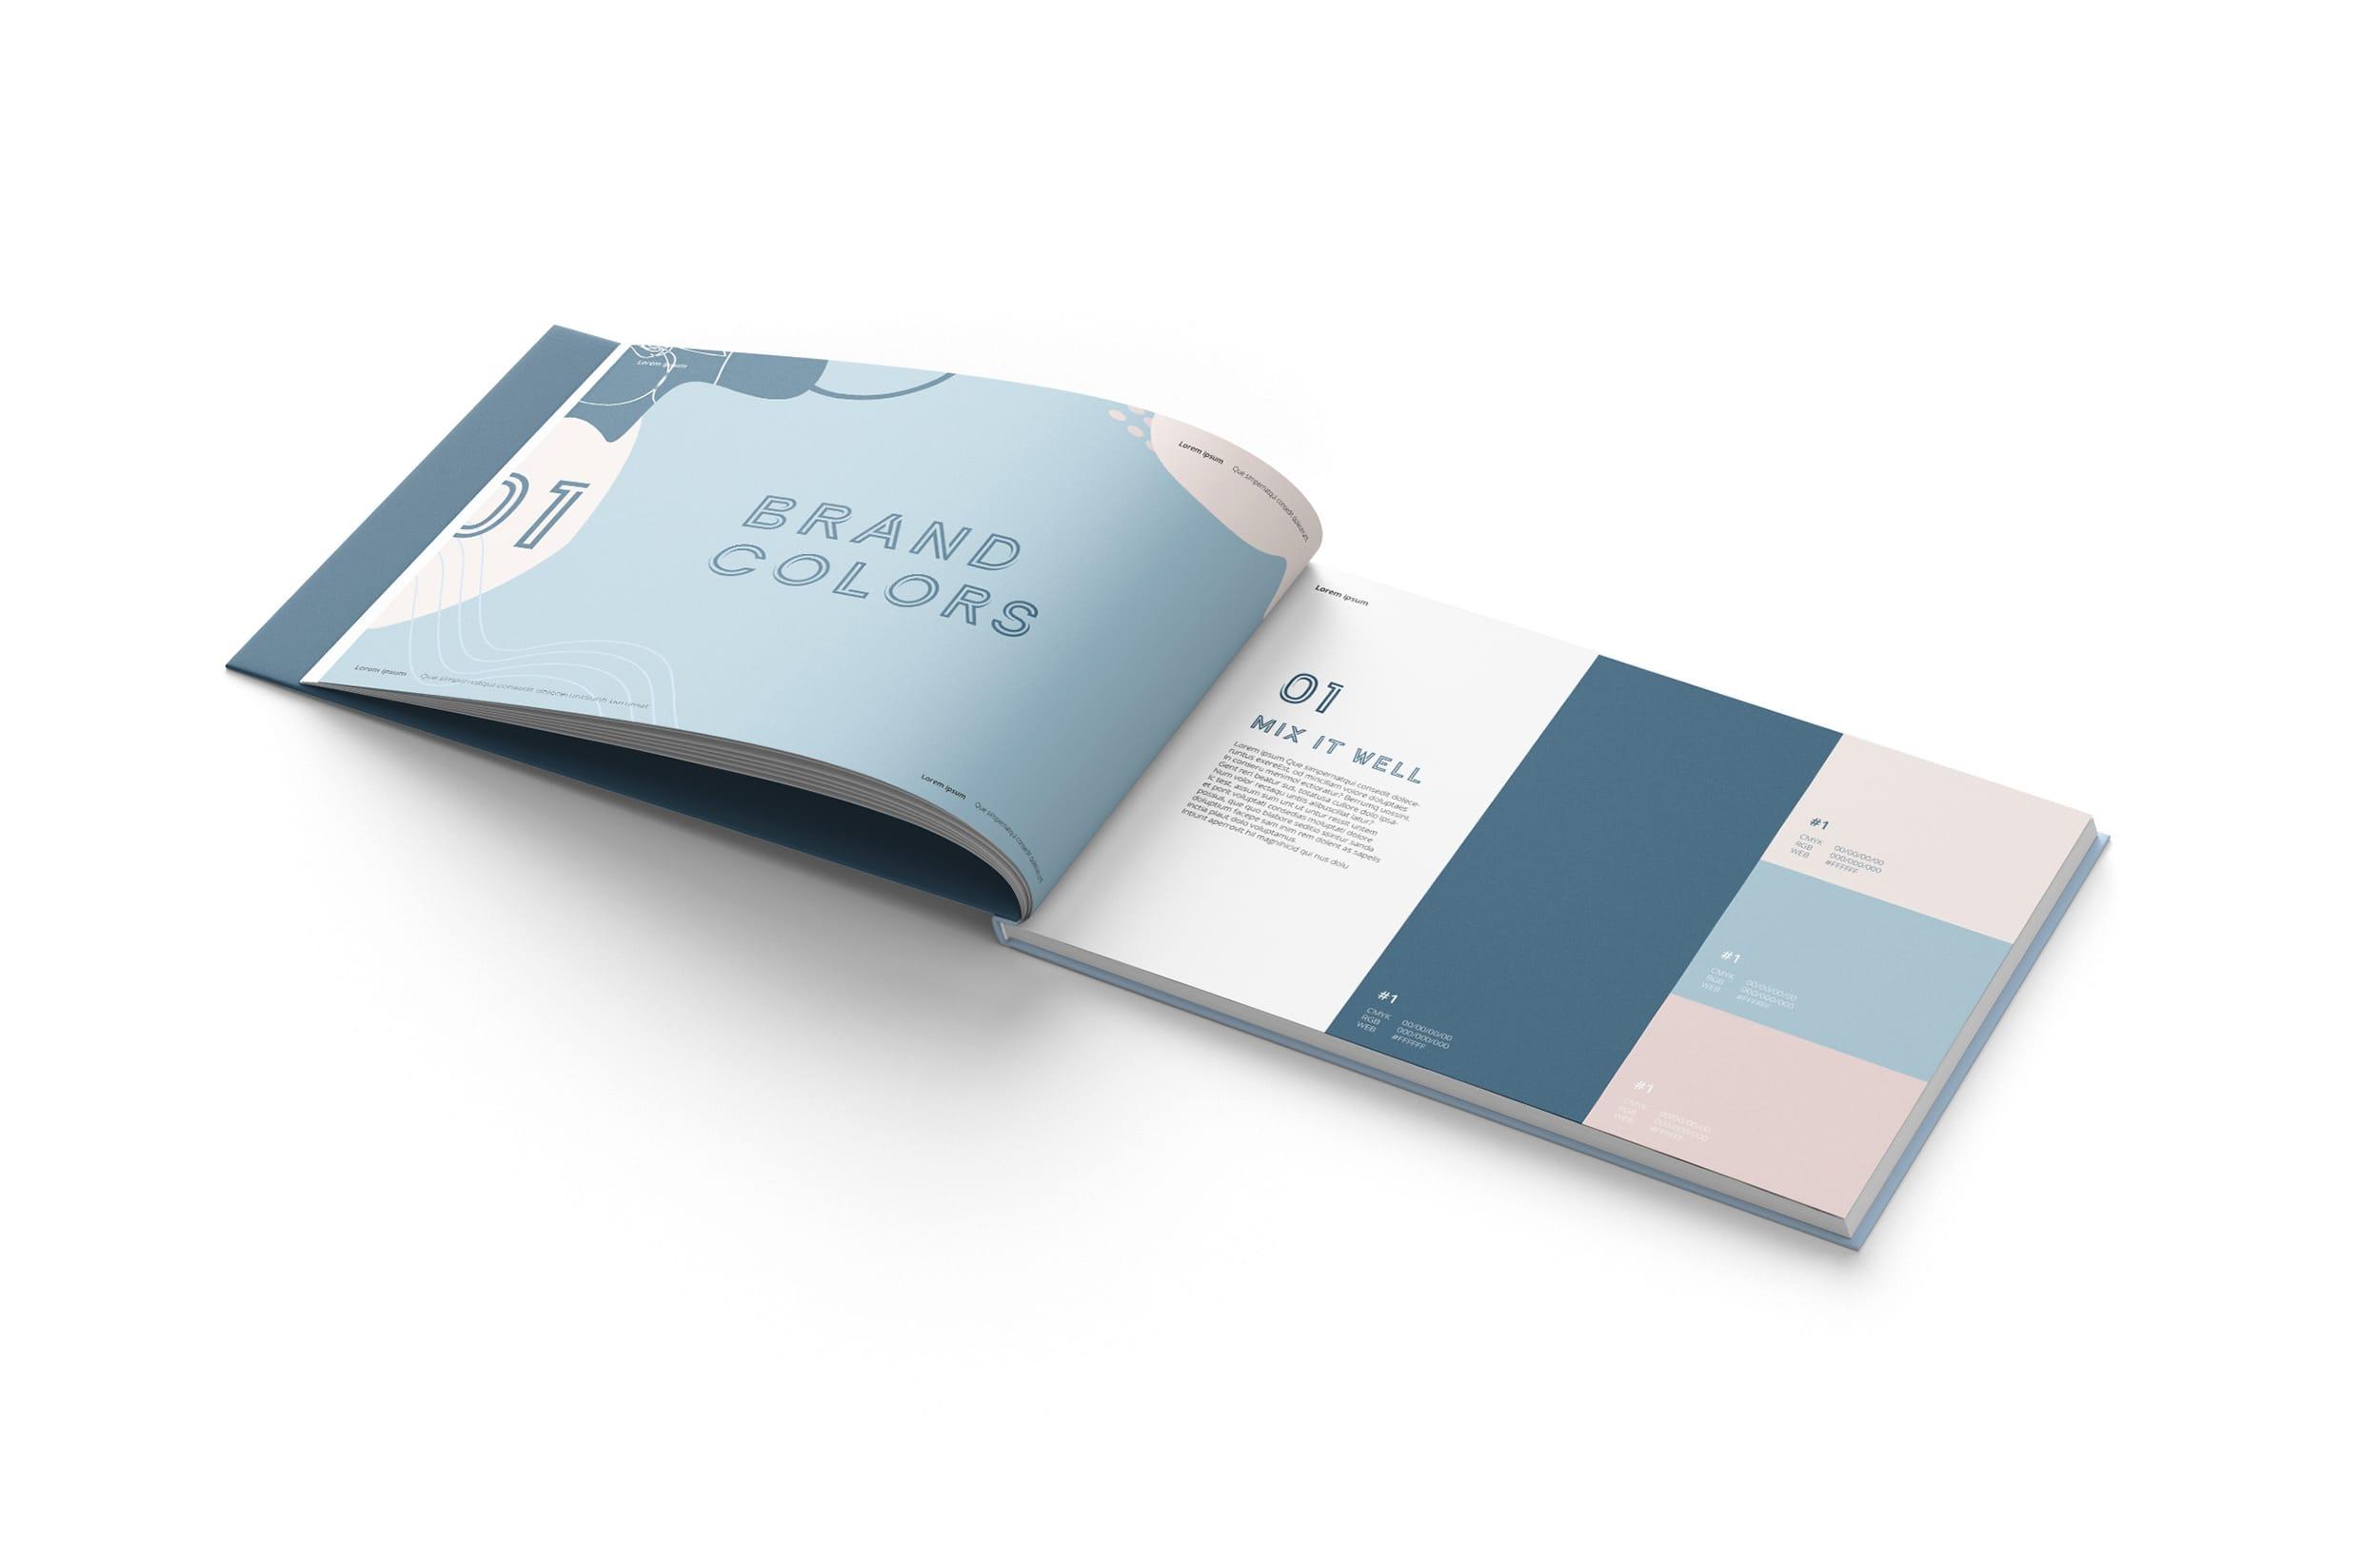 montroit-design-brand-guideline-liq-b